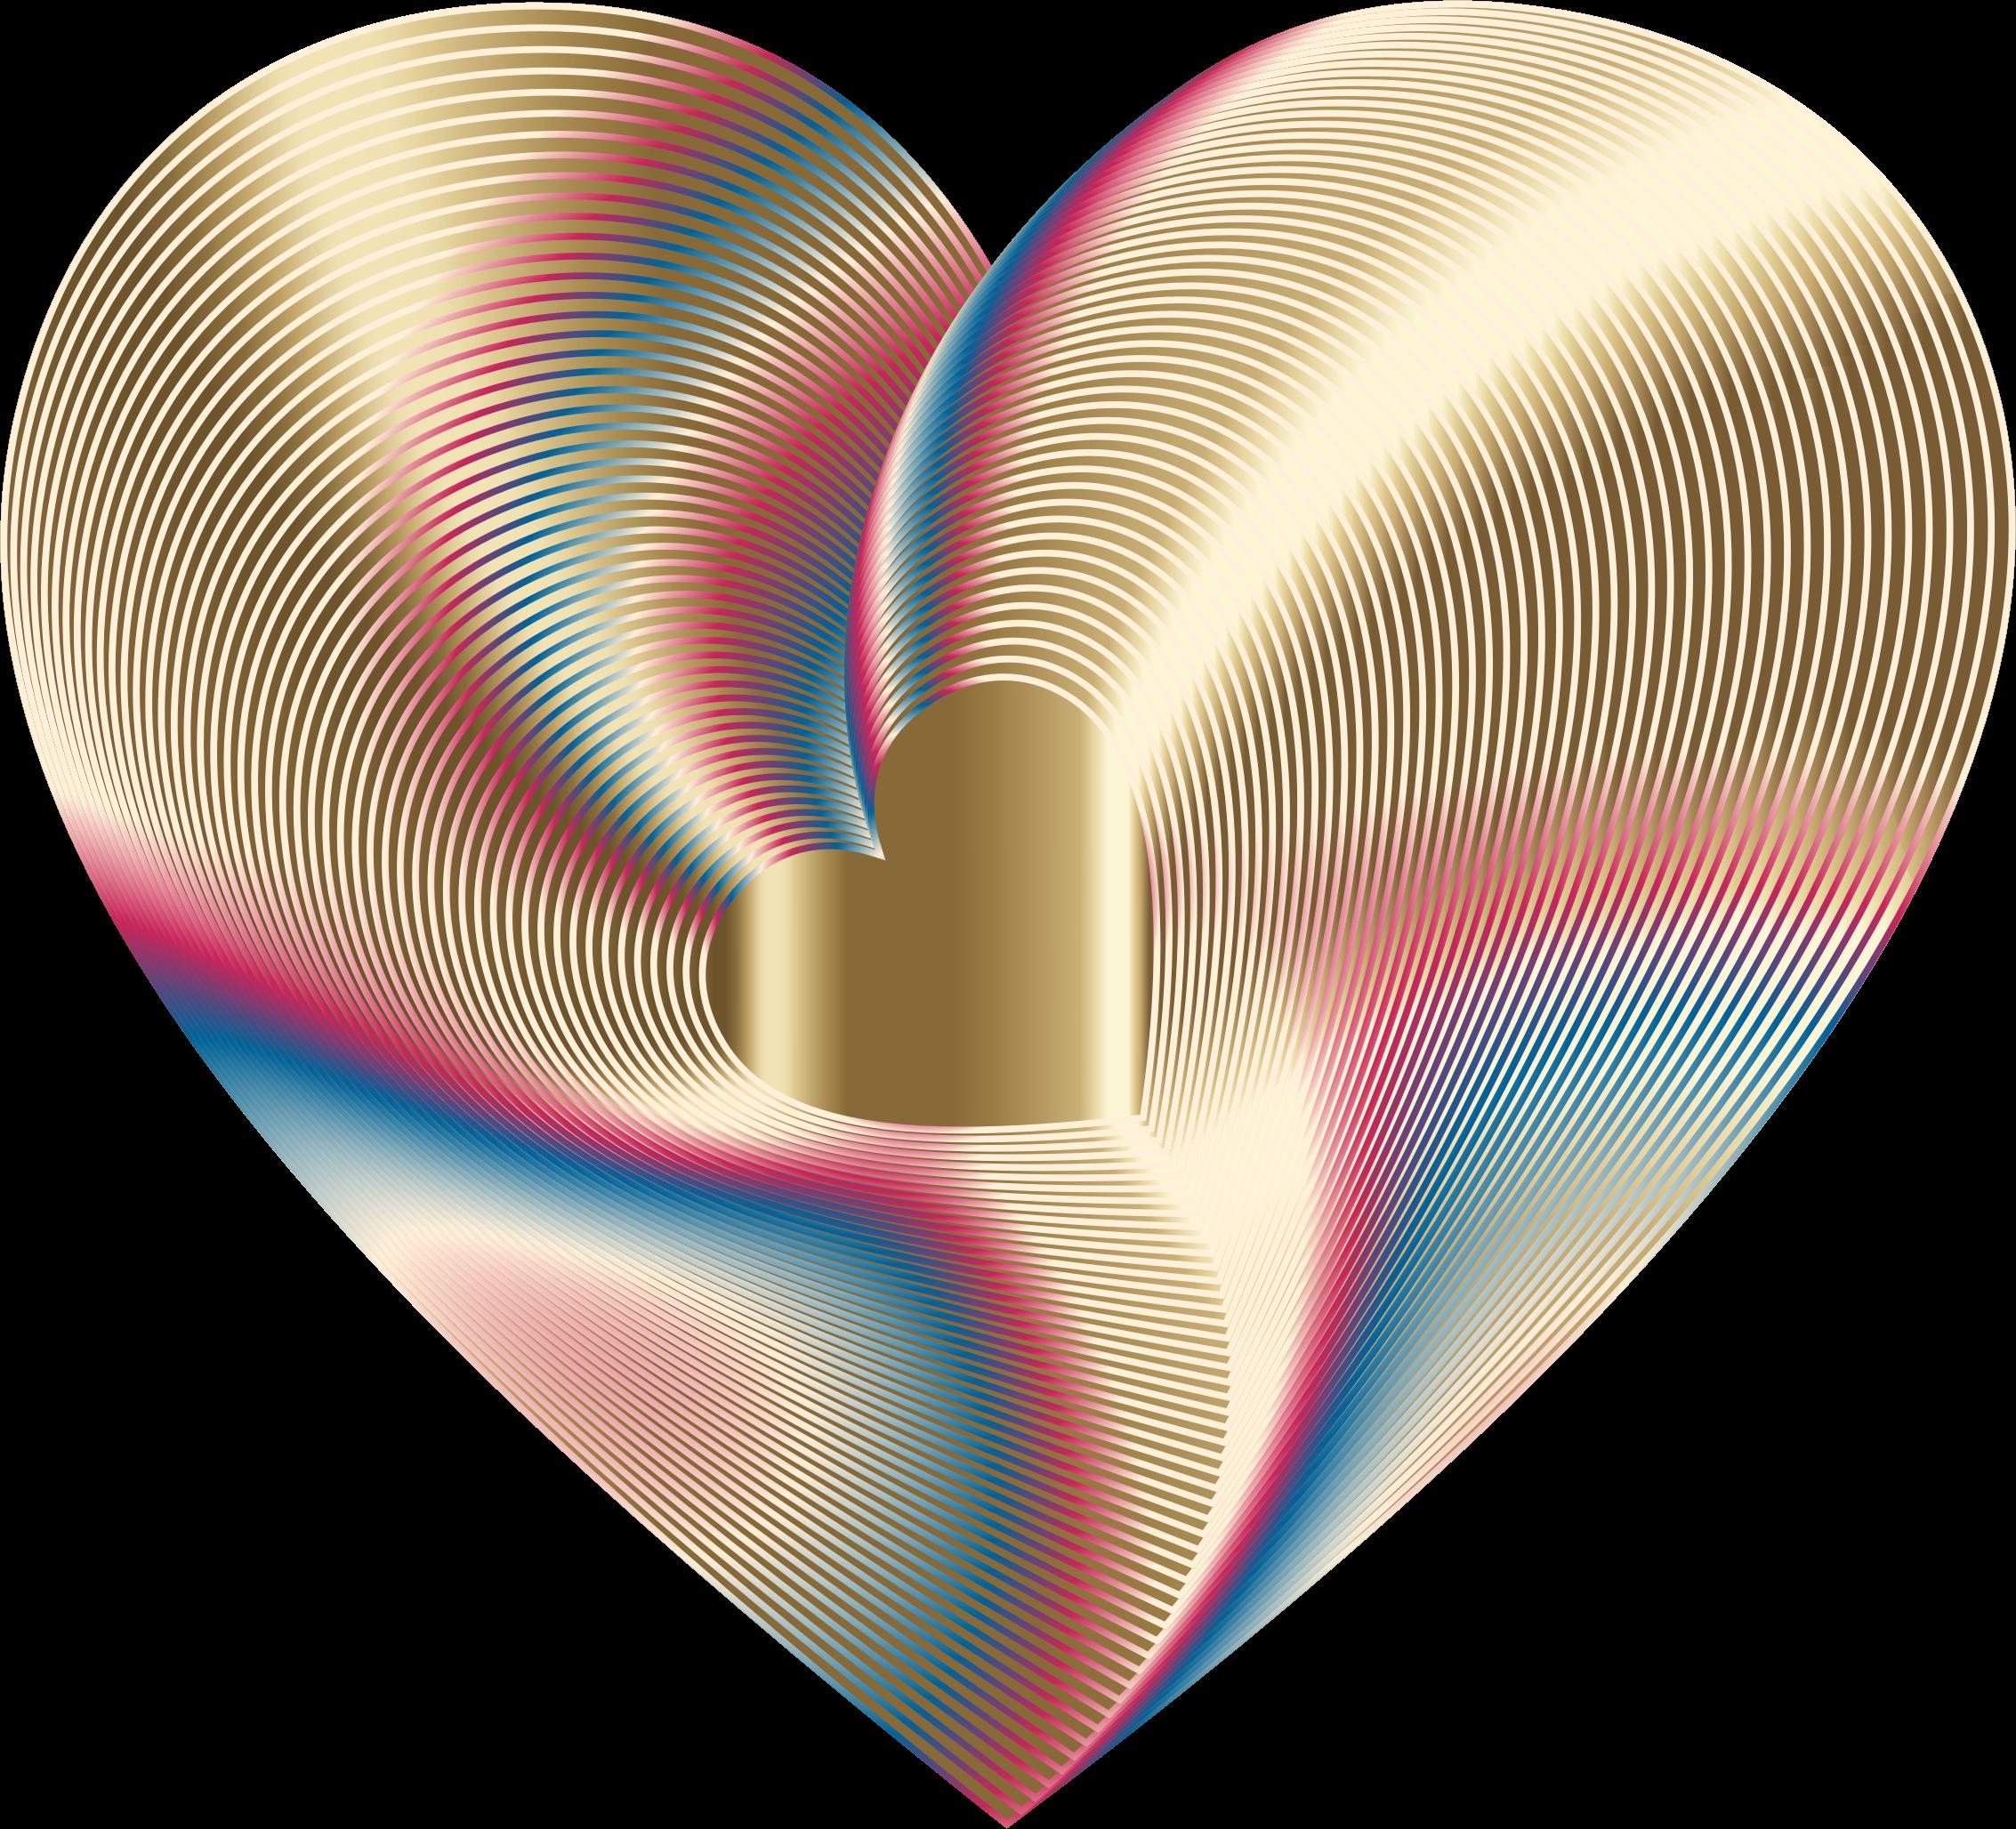 Hospital clipart wallpaper. Gold heart hearts pinterest